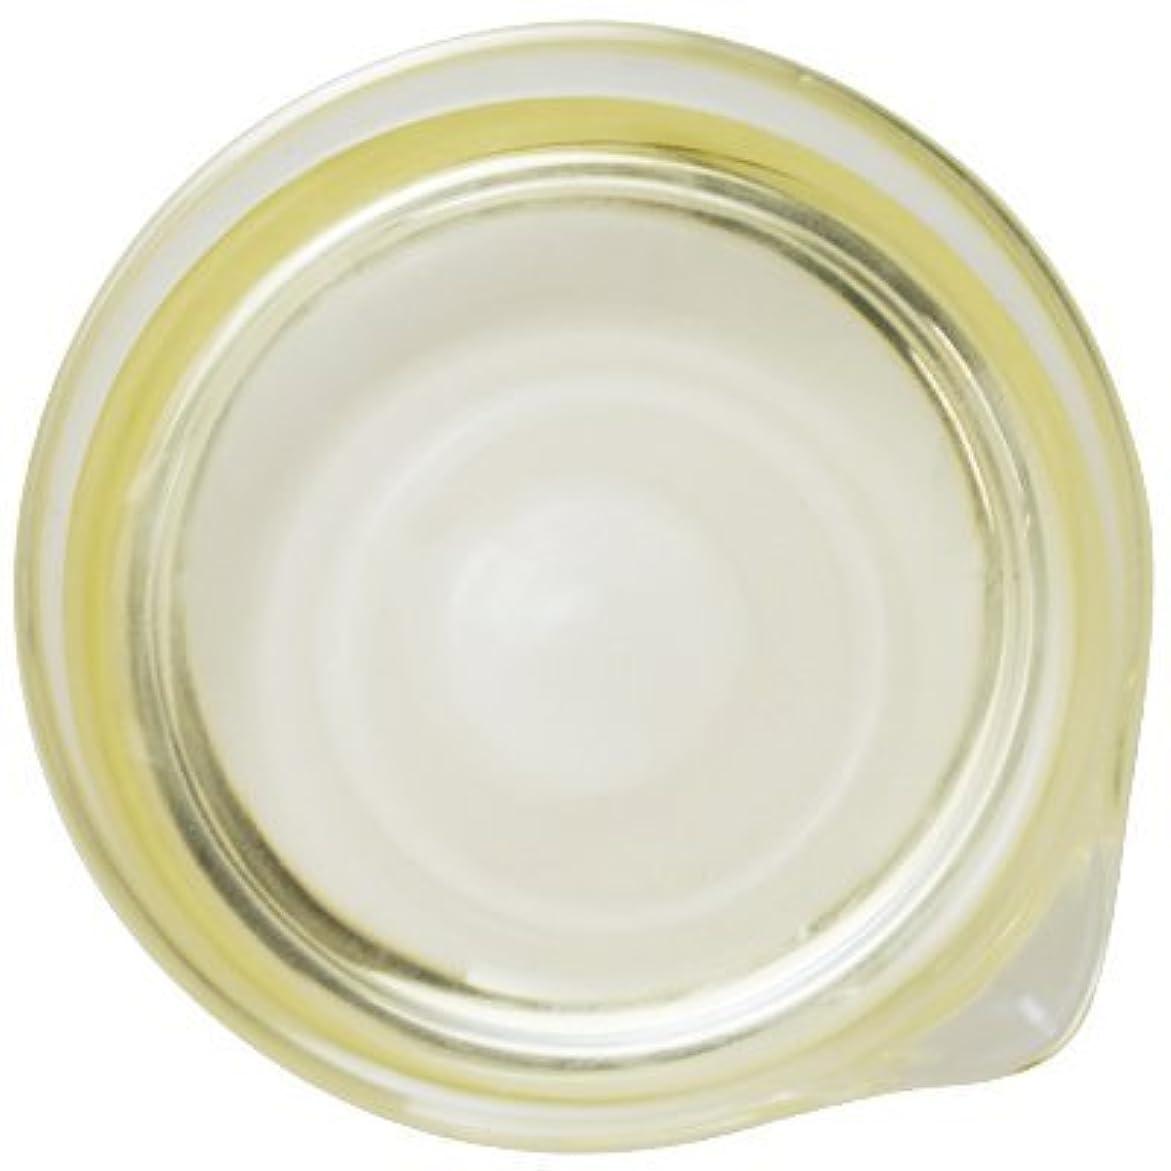 つなぐスズメバチ擬人セサミオイル 500ml [白ごま油]【手作り石鹸/手作りコスメ/ごま油】【birth】